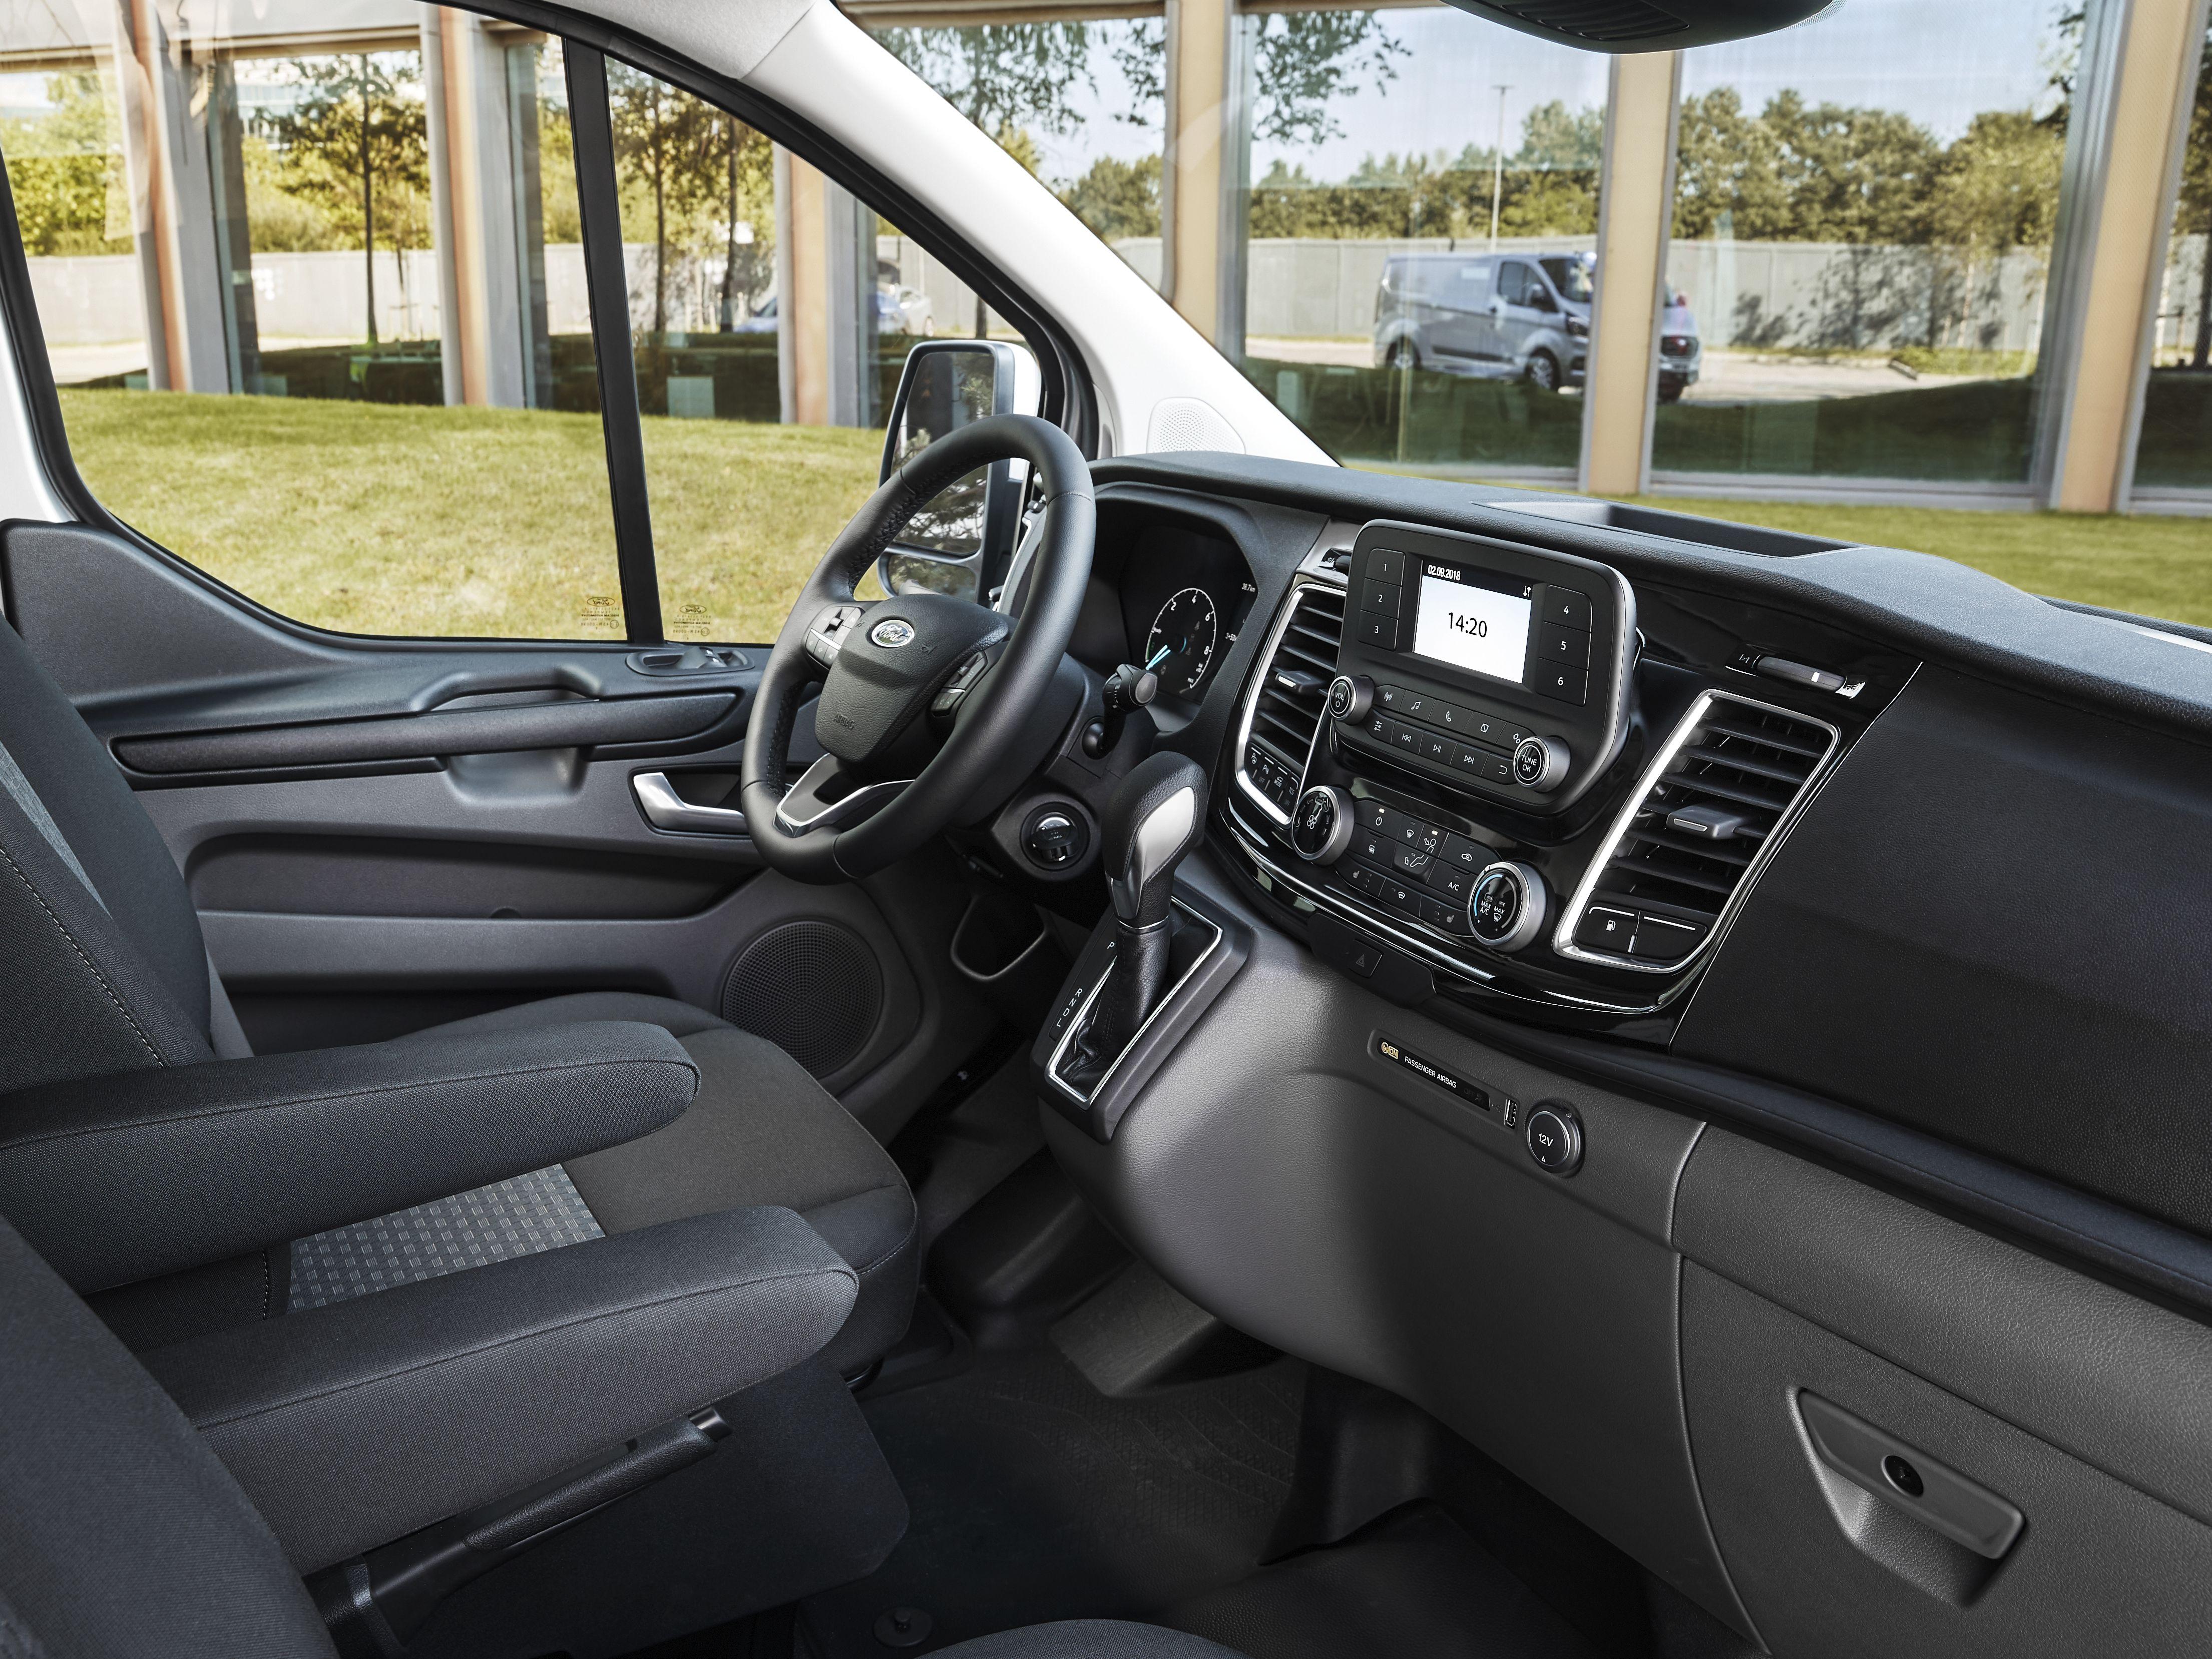 Ford Transit PHEV Cockpit